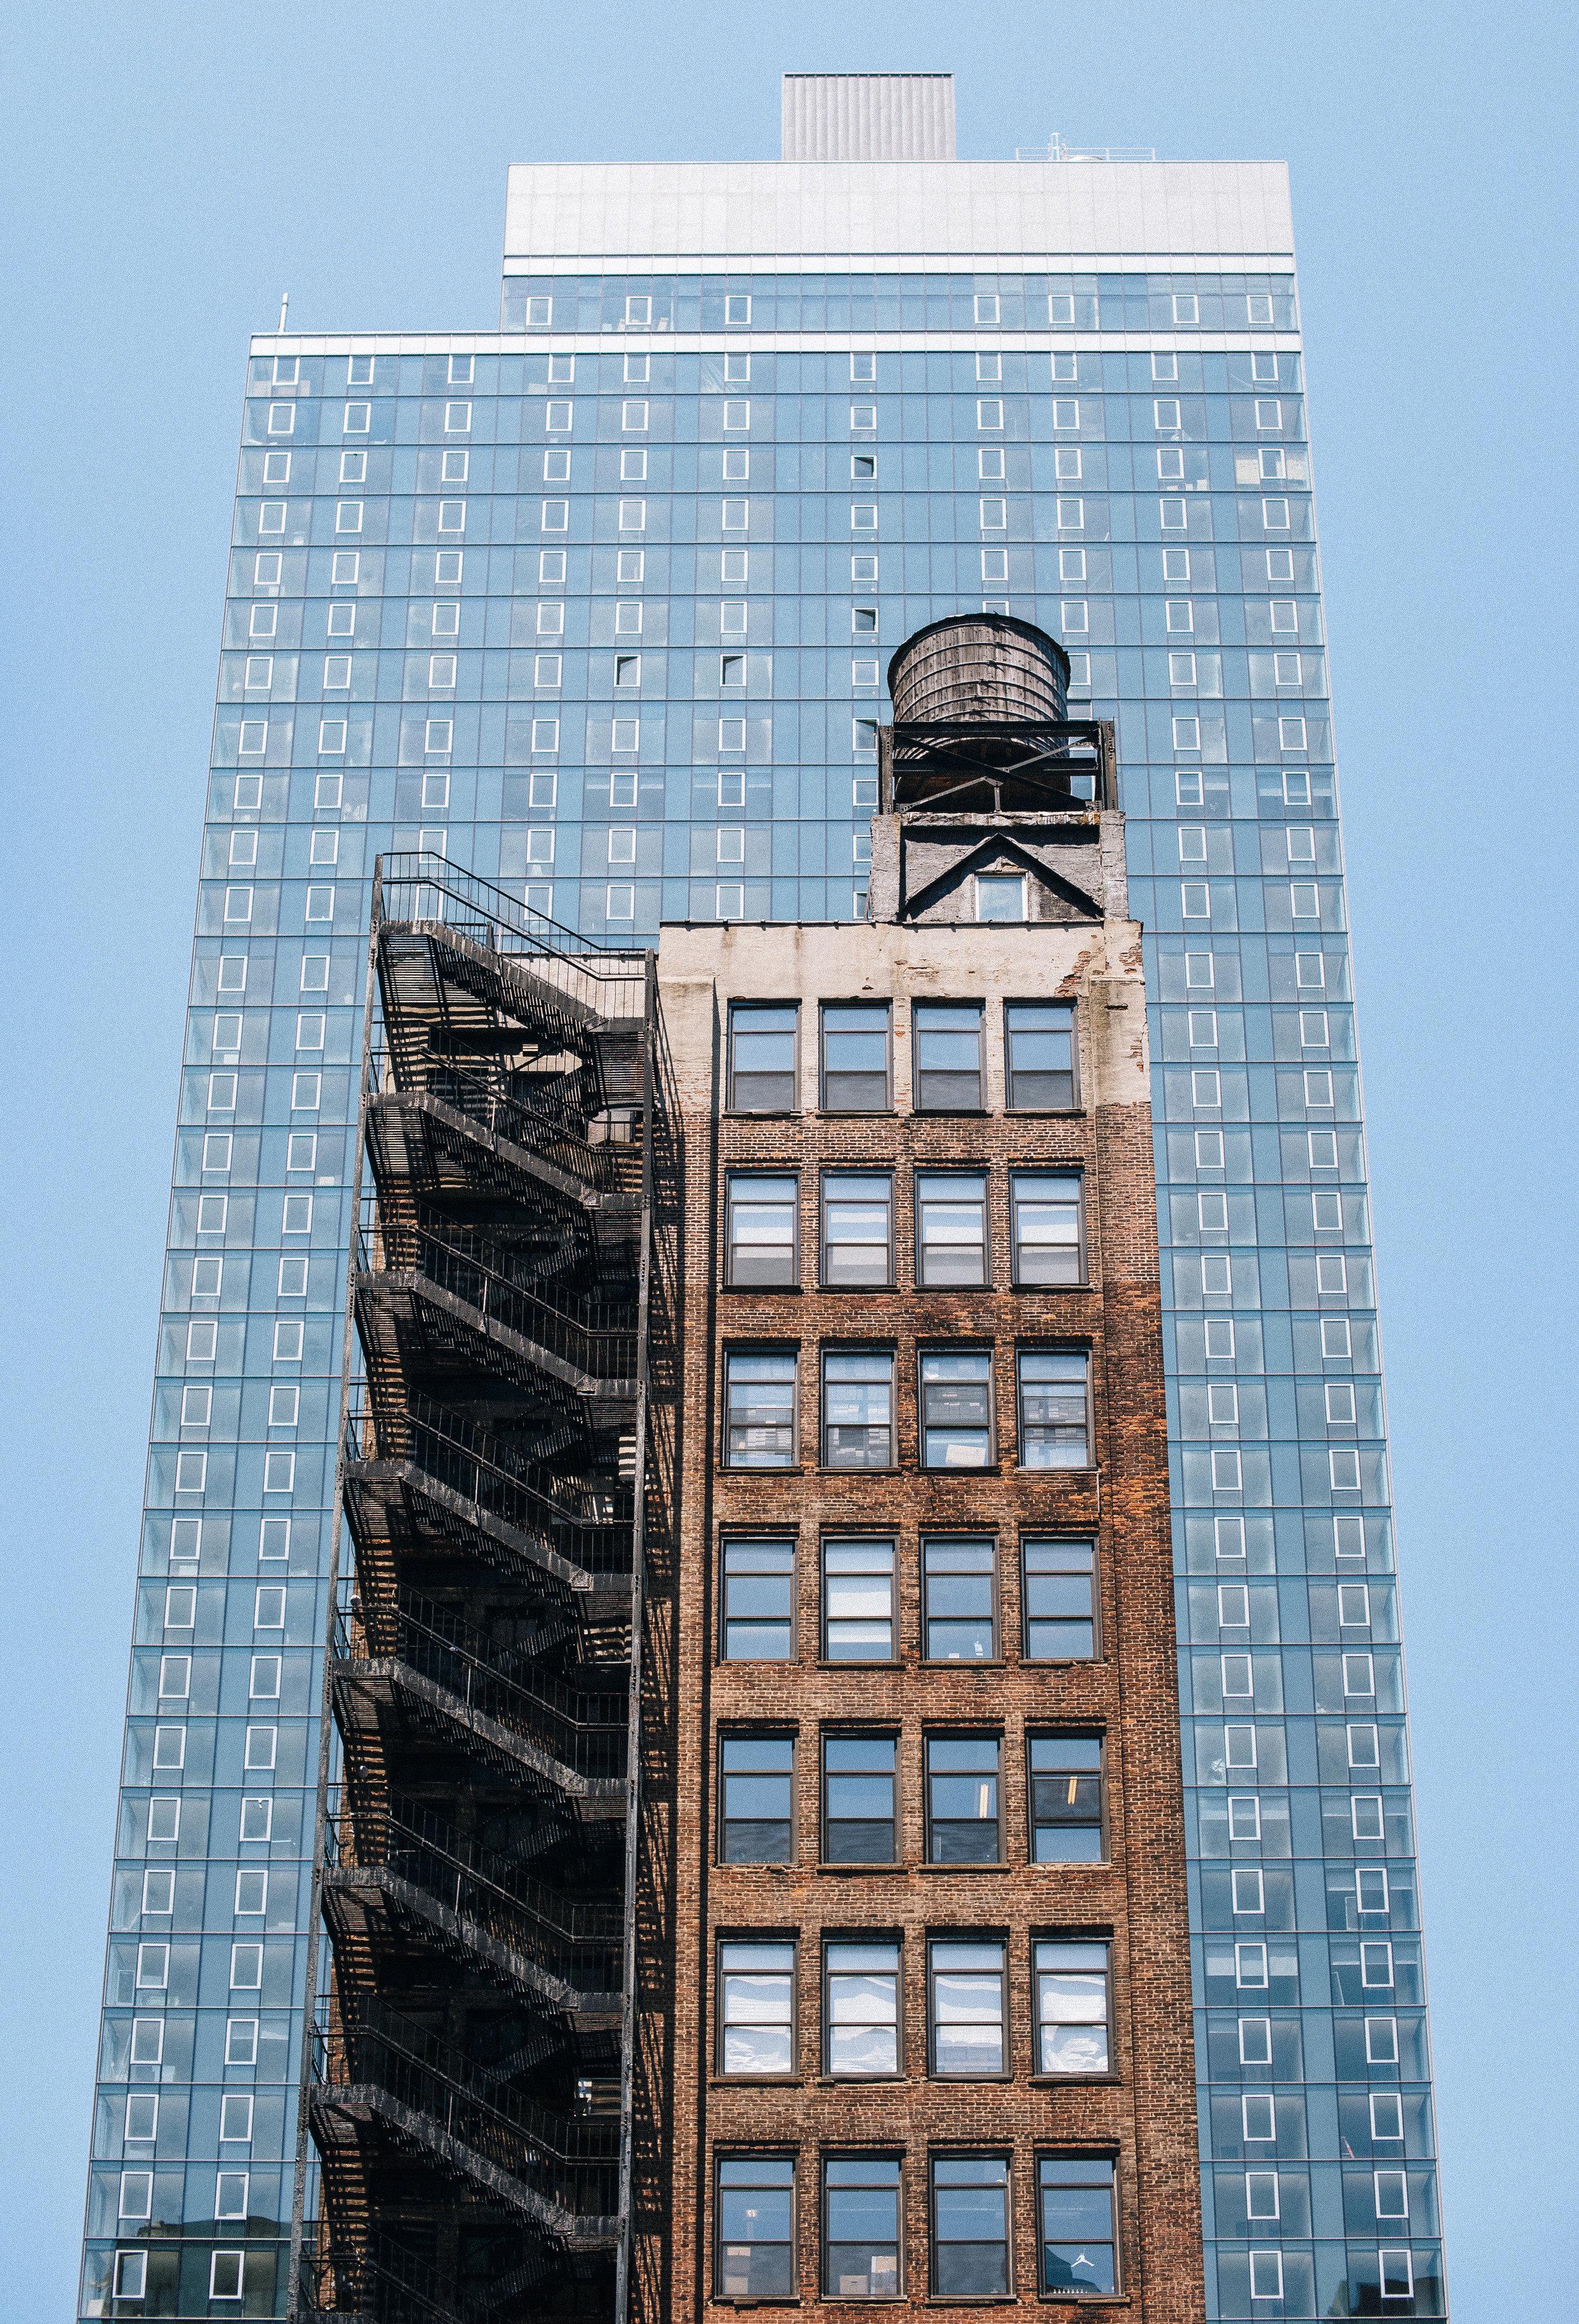 Korea Town, New York, NY USA - 2016